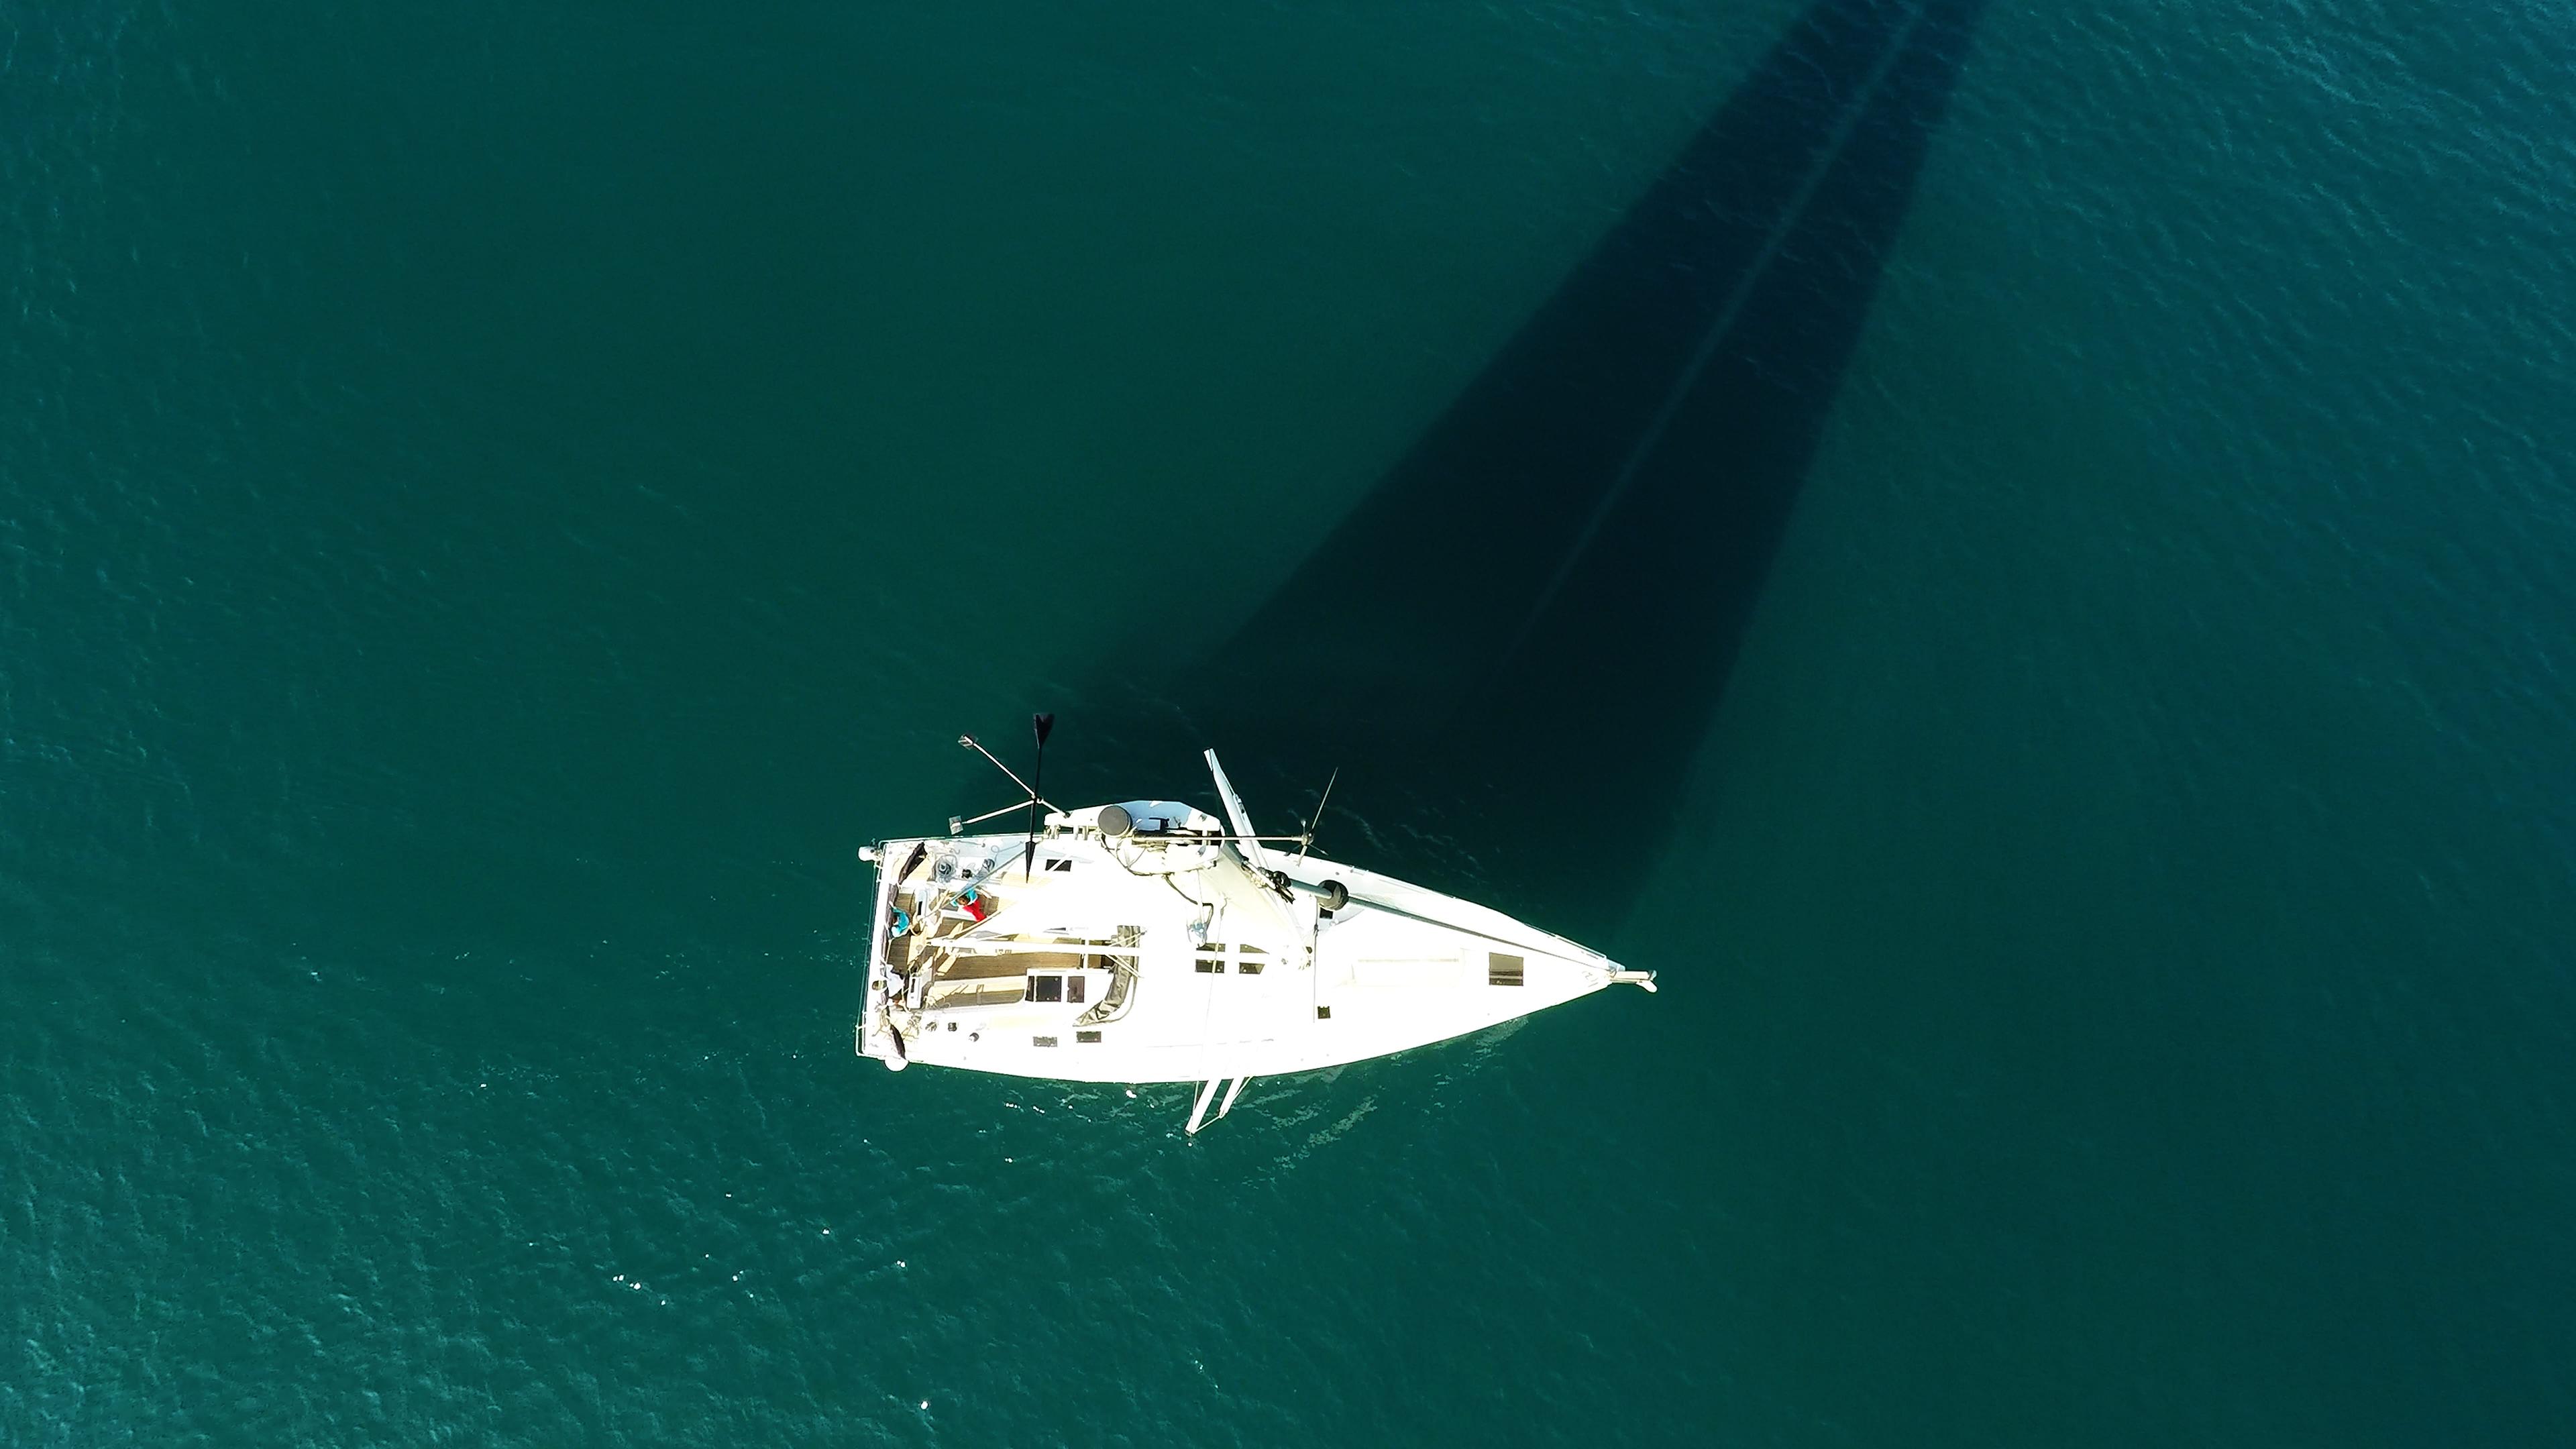 vrh jarbola jedra snast jedrilica paluba čamac jedrenje more